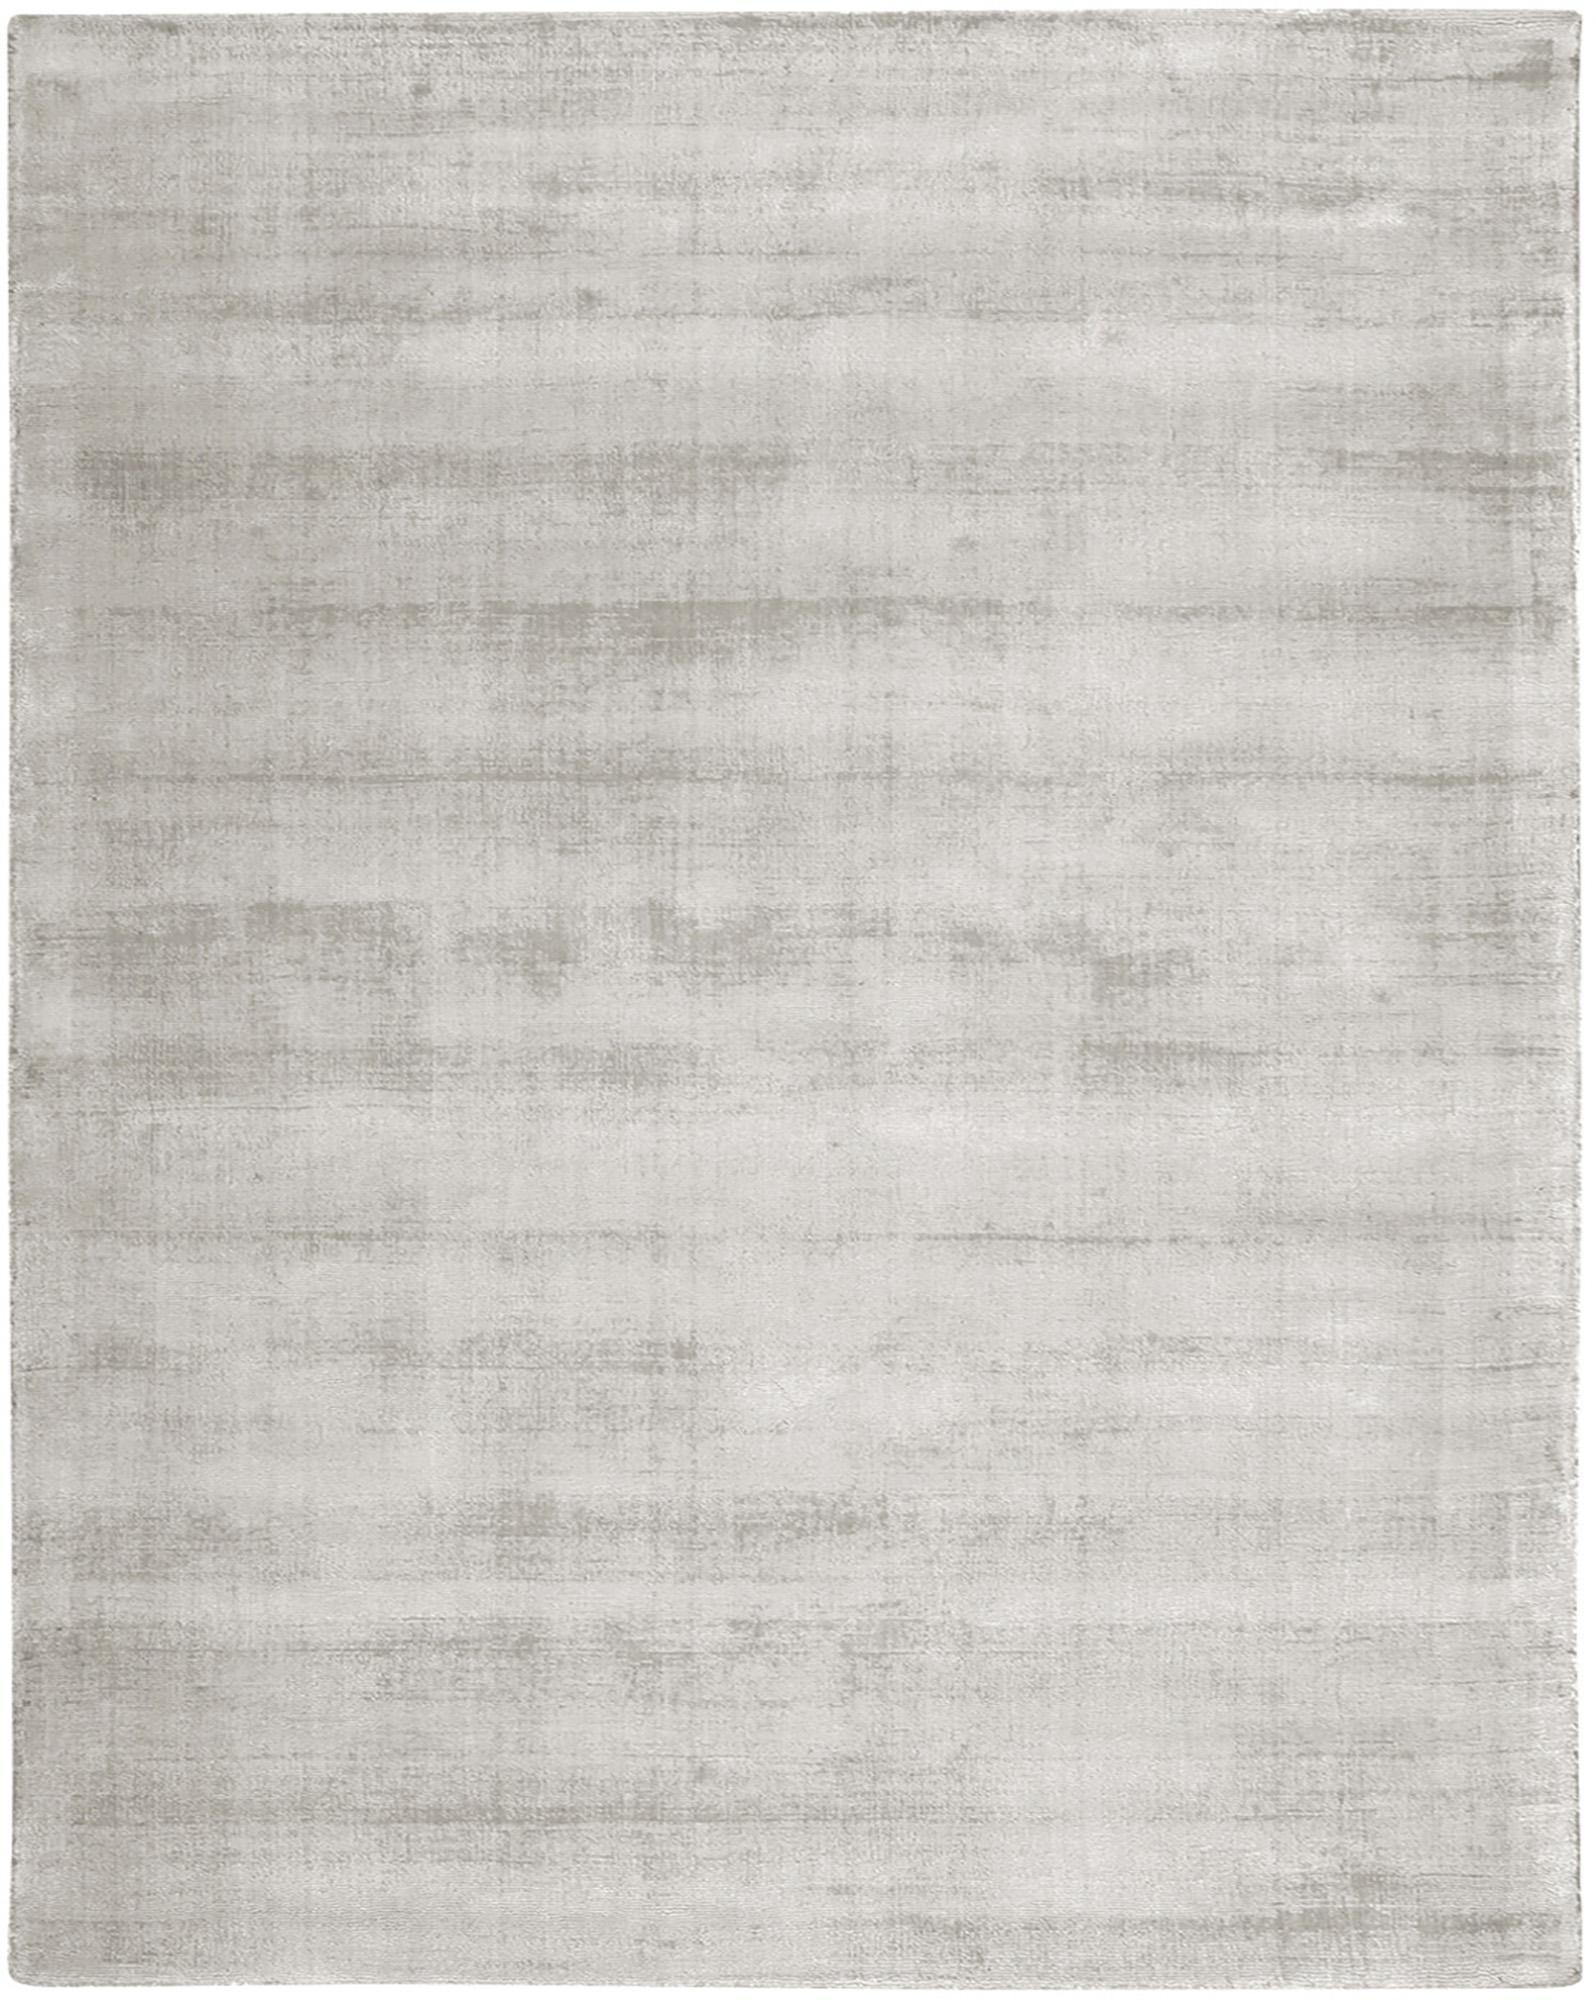 Tappeto in viscosa tessuto a mano Jane, Retro: 100% cotone, Grigio chiaro-beige, Larg. 400 x Lung. 500 cm (taglia XXL)